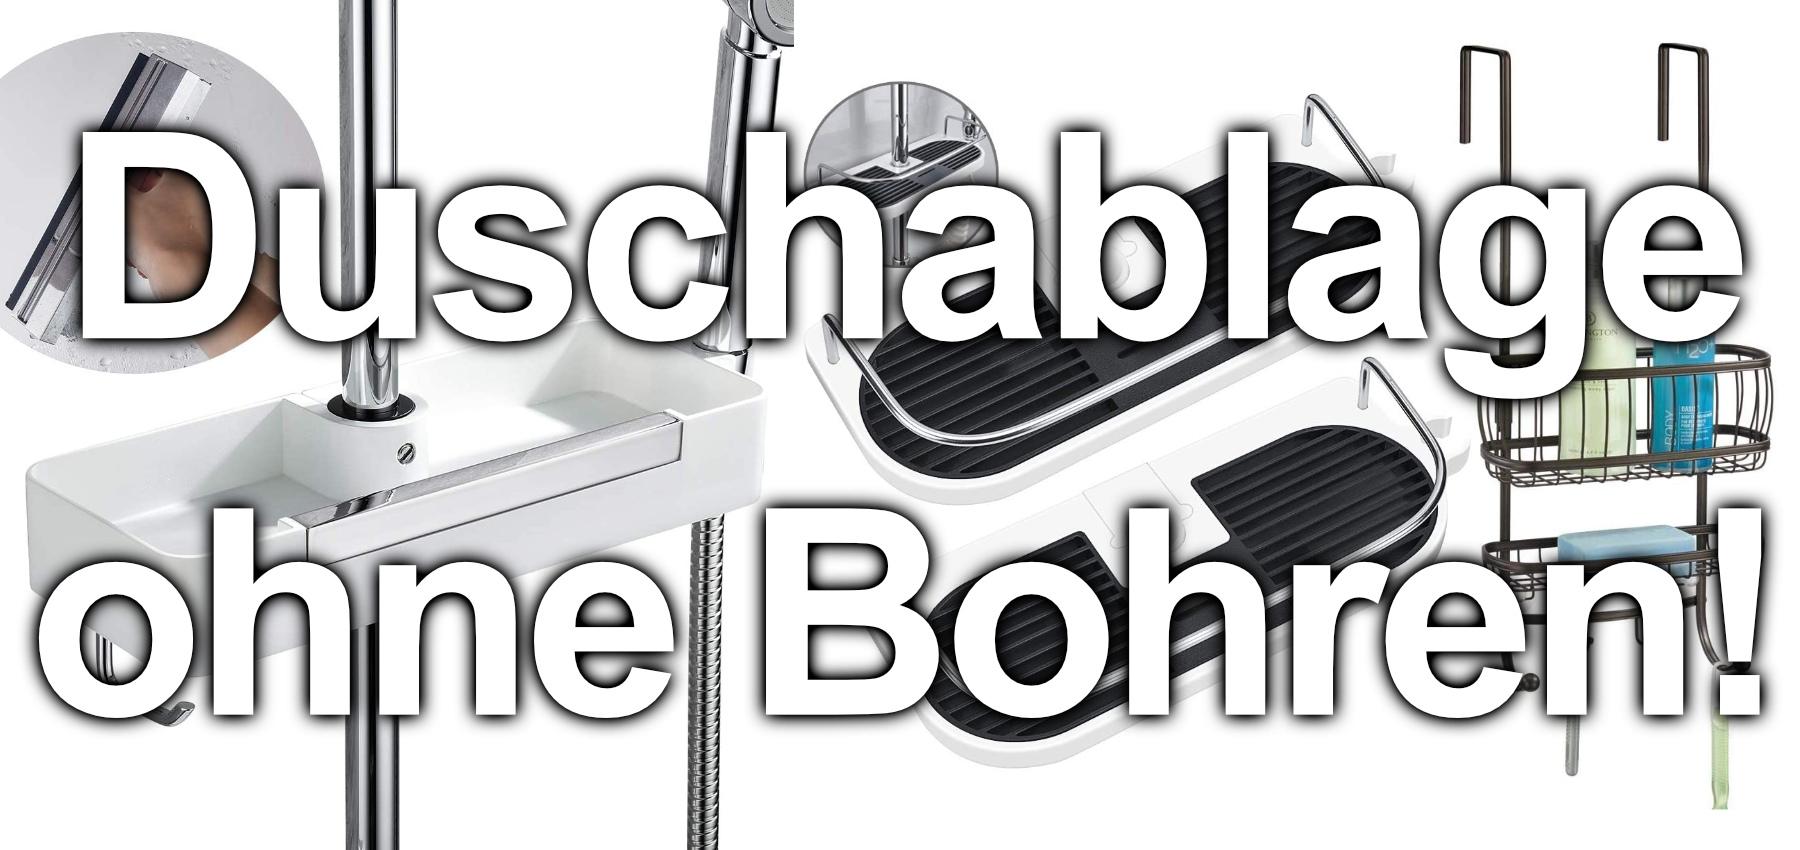 Duschablage ohne Bohren, sondern zum Klemmen an die Duschstange oder zum Aufhängen an der Duschwand. Hier finden Sie Ablagen und den passenden Duschkorb für Ihre Dusche. Zudem bieten wir Test- und Erfahrungsberichte zu weiterer Einrichtung im Badezimmer.